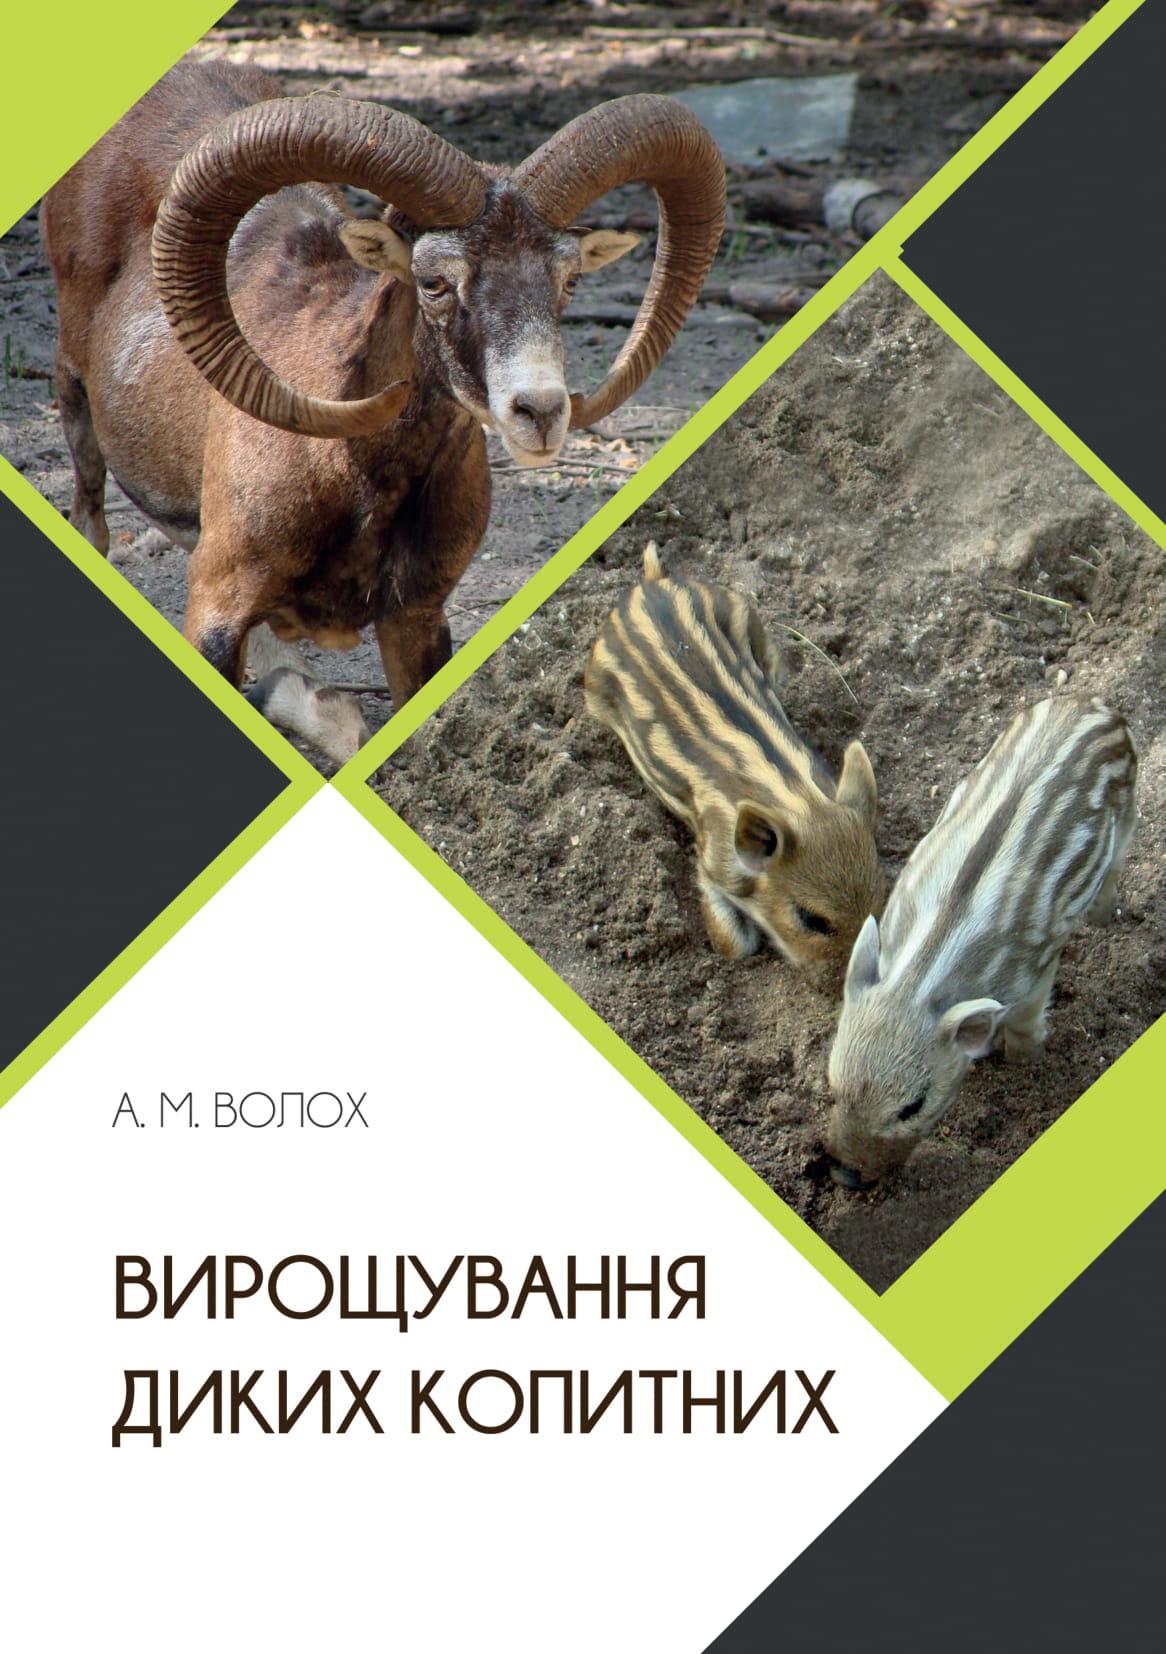 Волох А.М. Вирощування копитних-1